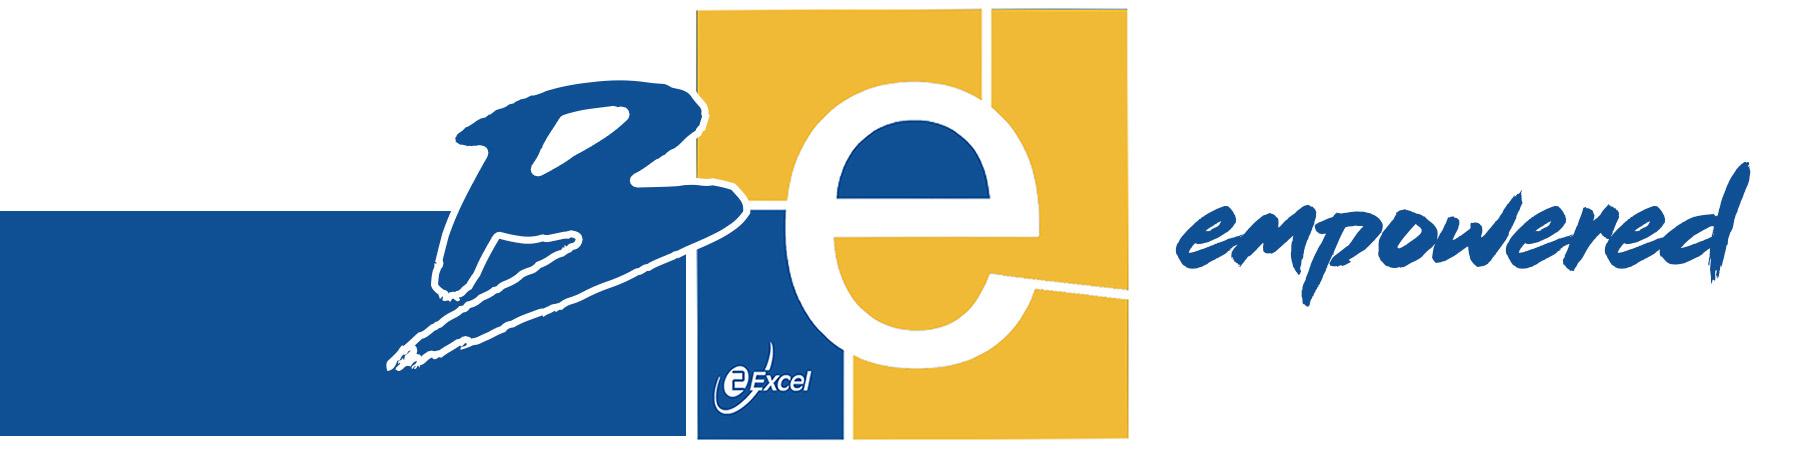 eNetwork Worldwide Logo